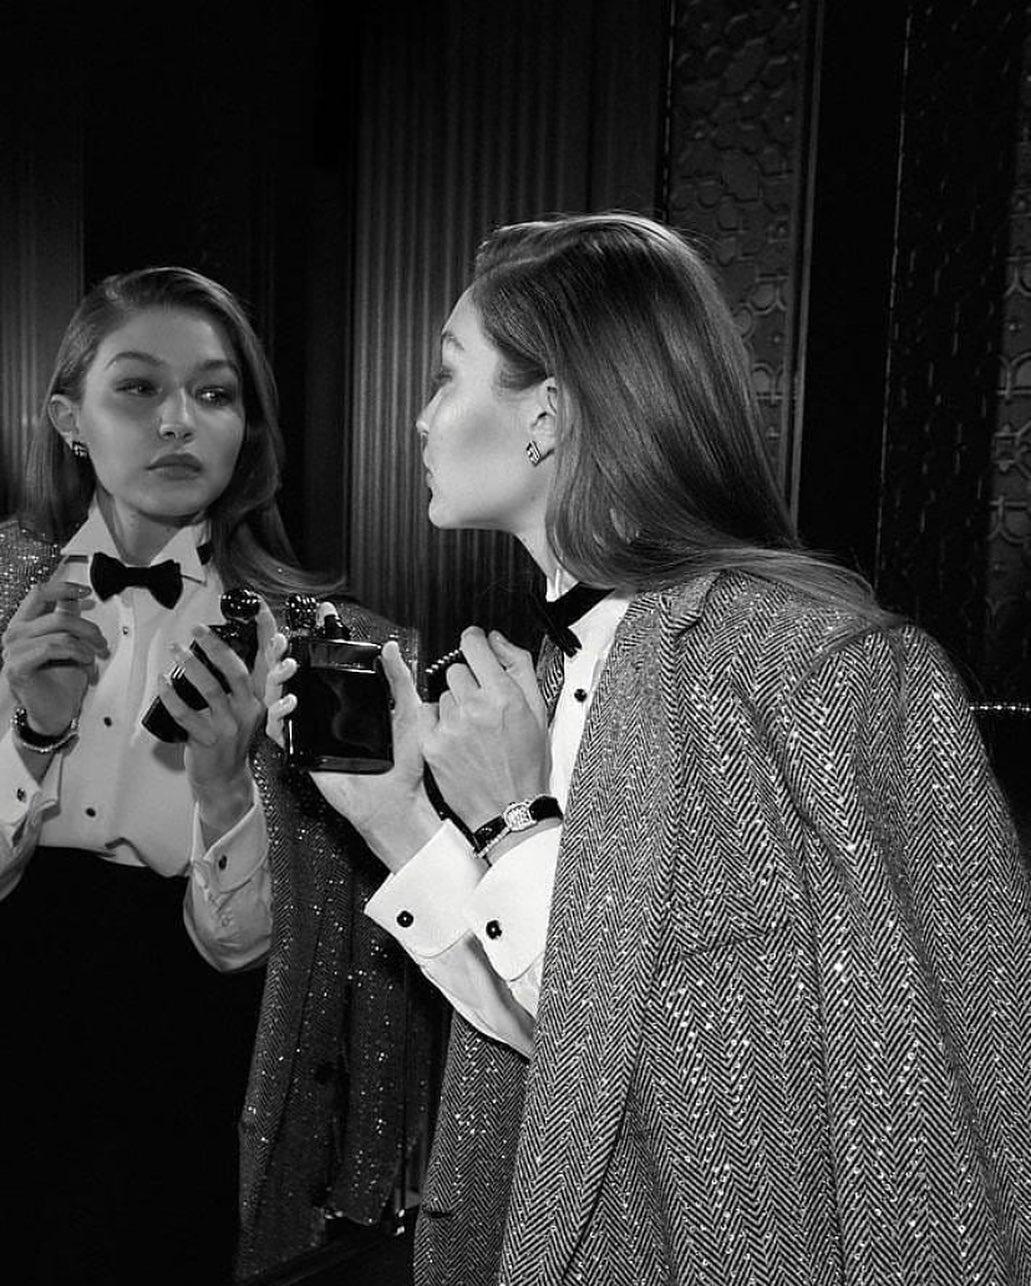 Джиджи Хадид стала лицом нового аромата Ralph Lauren (ФОТО+ВИДЕО) - фото №2